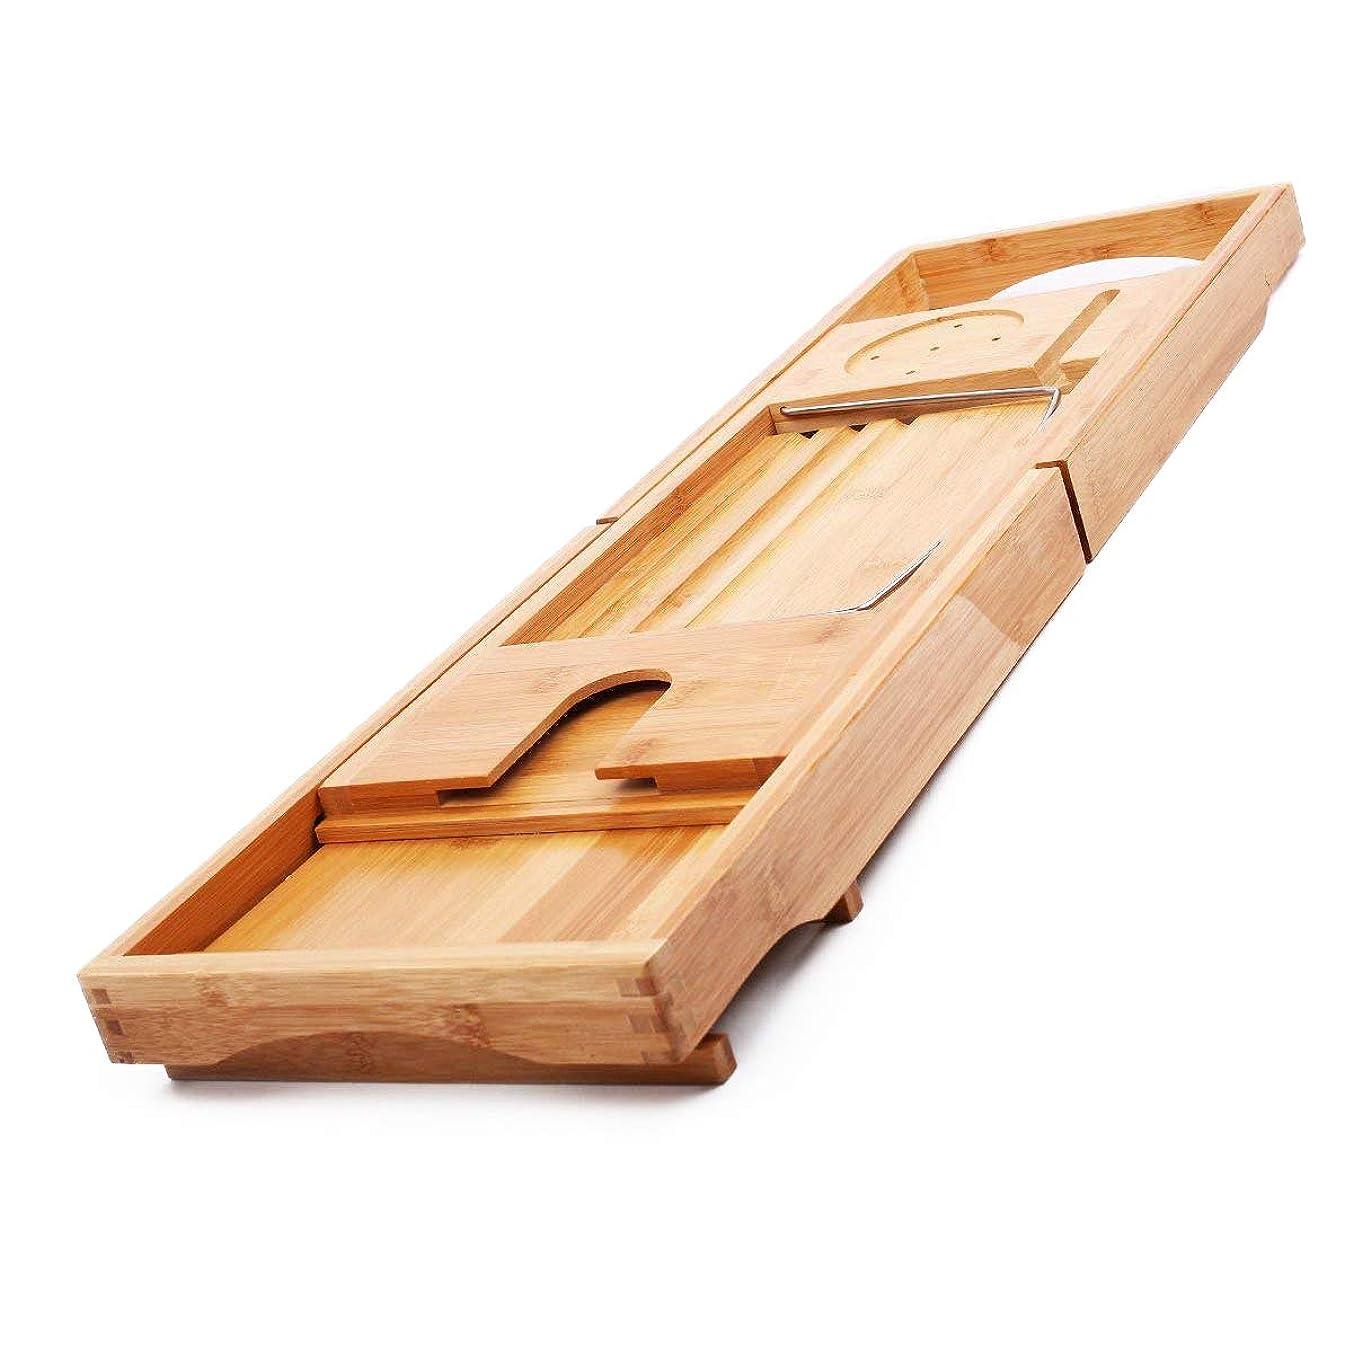 膜フォージ思い出させるMYHO 竹製 伸縮 バスタブトレー バスタブラック バステーブル 竹 ブックスタンド お風呂場 収納ラック テーブル お風呂用品 バスグッズ